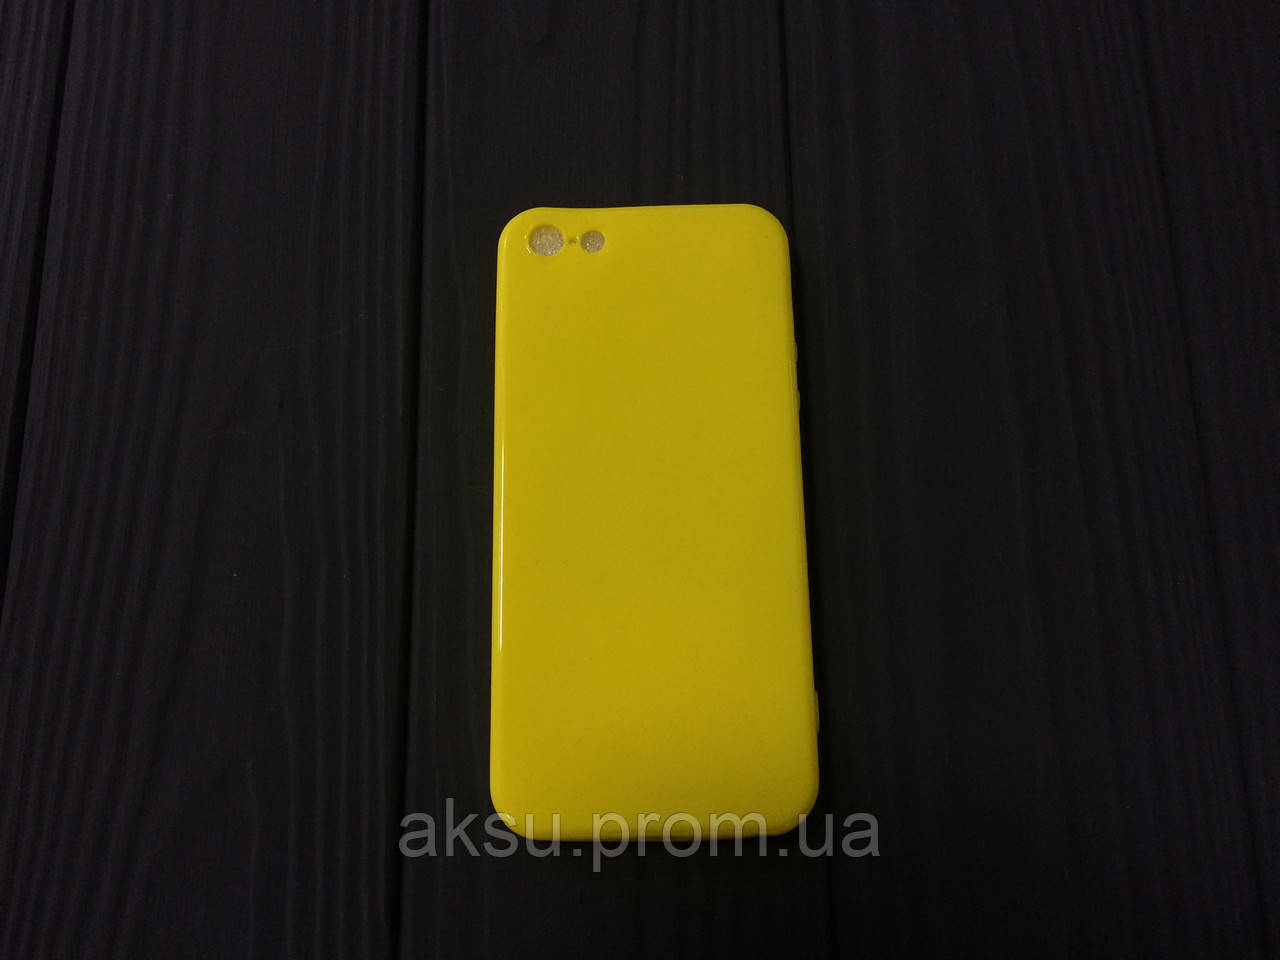 Чехол Силікон 0.8mm на iPhone 5 / 5S / SE